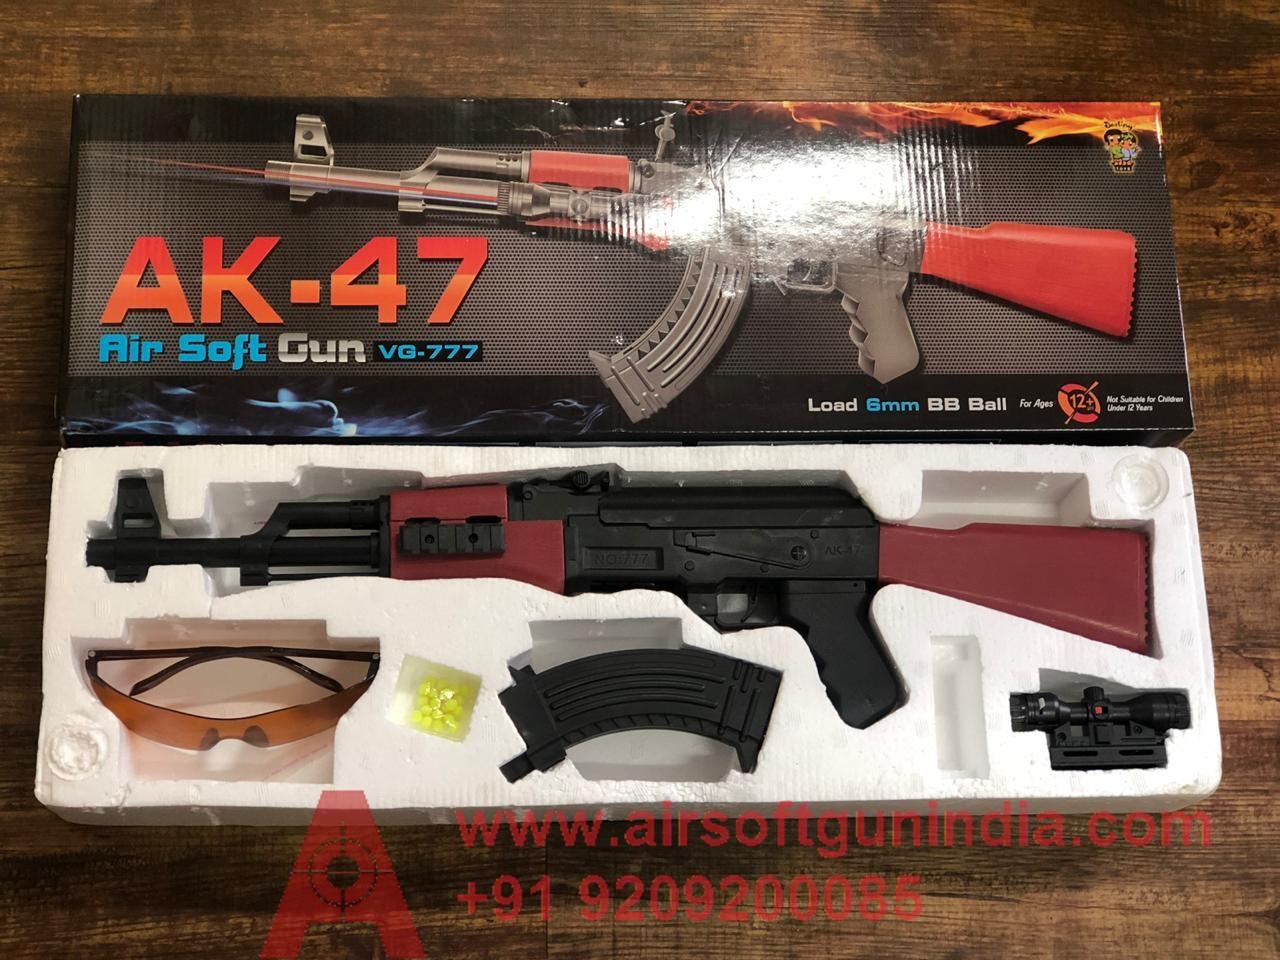 A47 Airsoft Rifle By Airsoft Gun India (777)